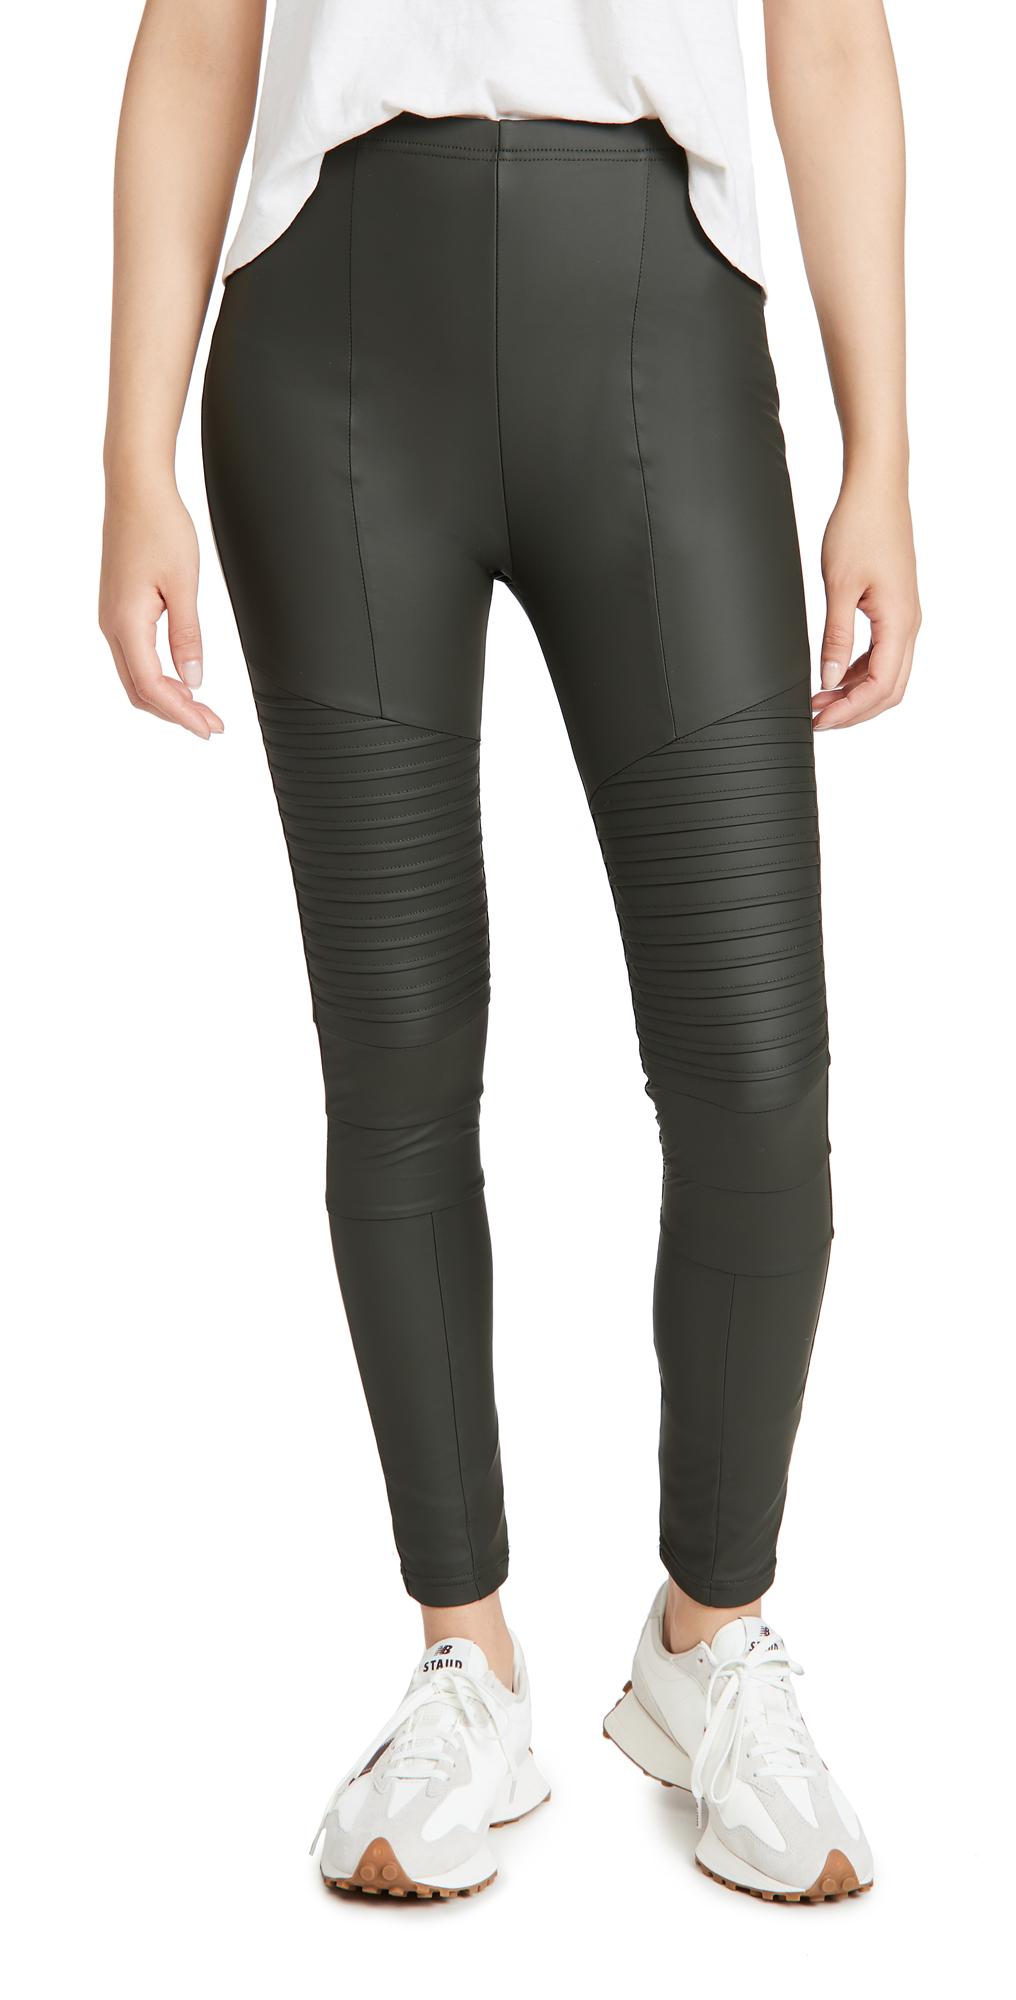 Plush Fleece Lined Moto Leggings